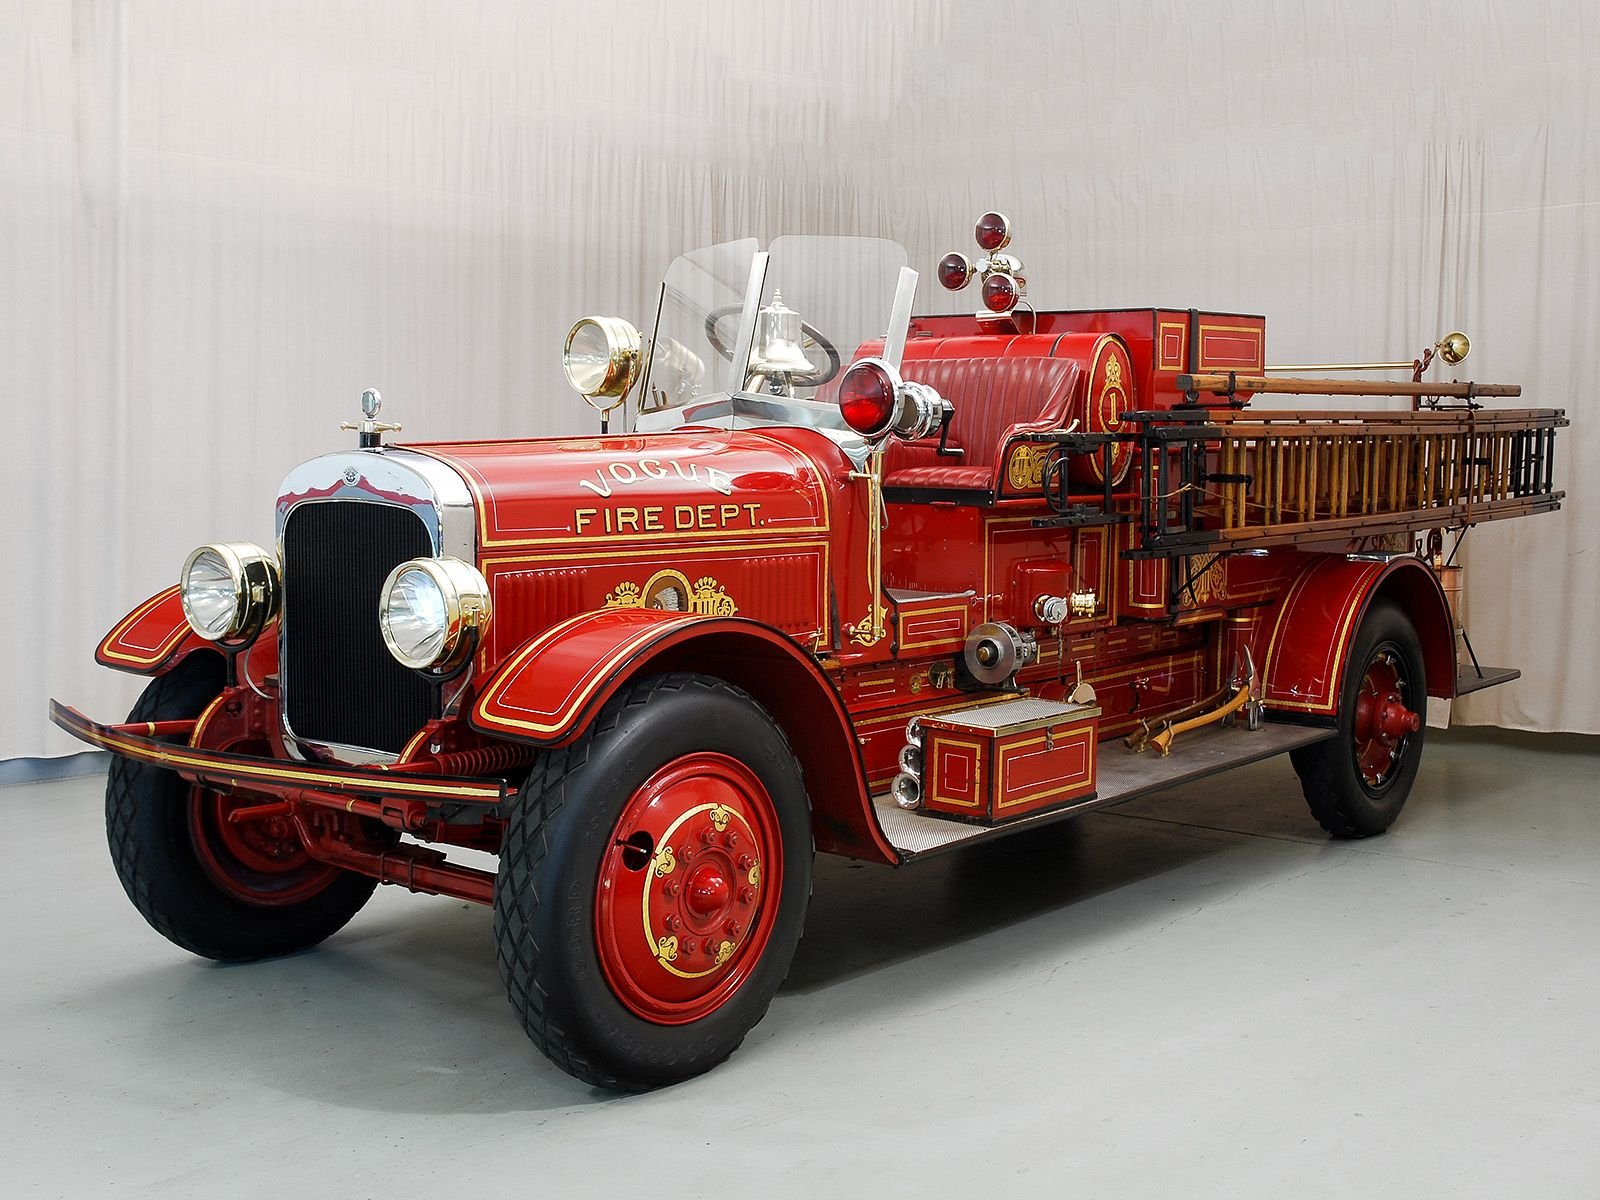 заболевание, картинка старинных пожарных машин несмышленышем, глядел тебя